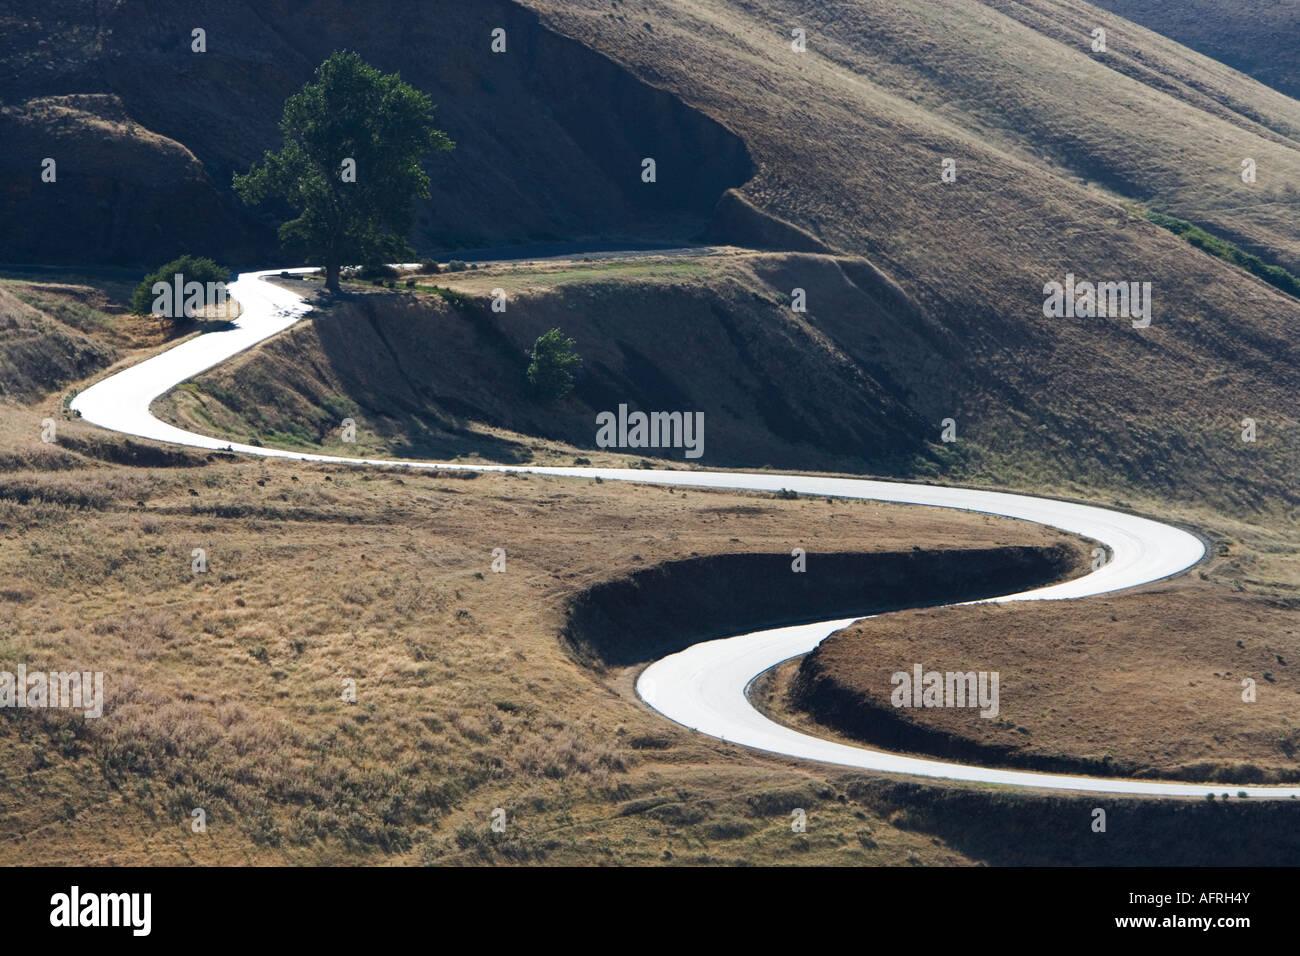 Highway curves leading upward. - Stock Image